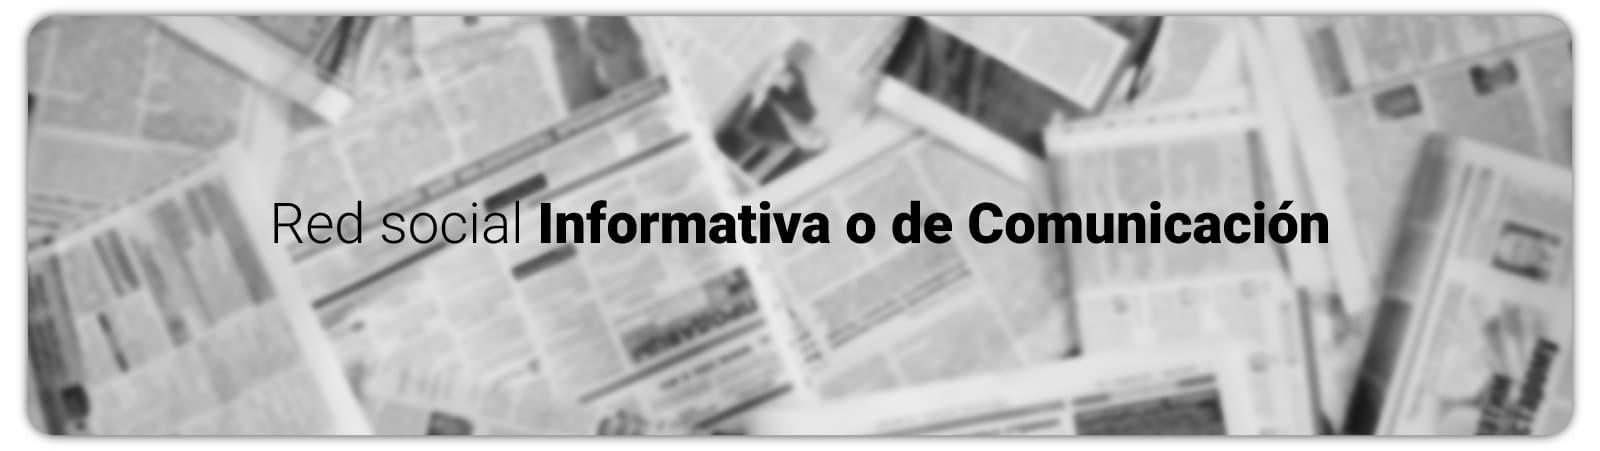 art-07-Red-Social-Informativa-o-de-Comunicacion1